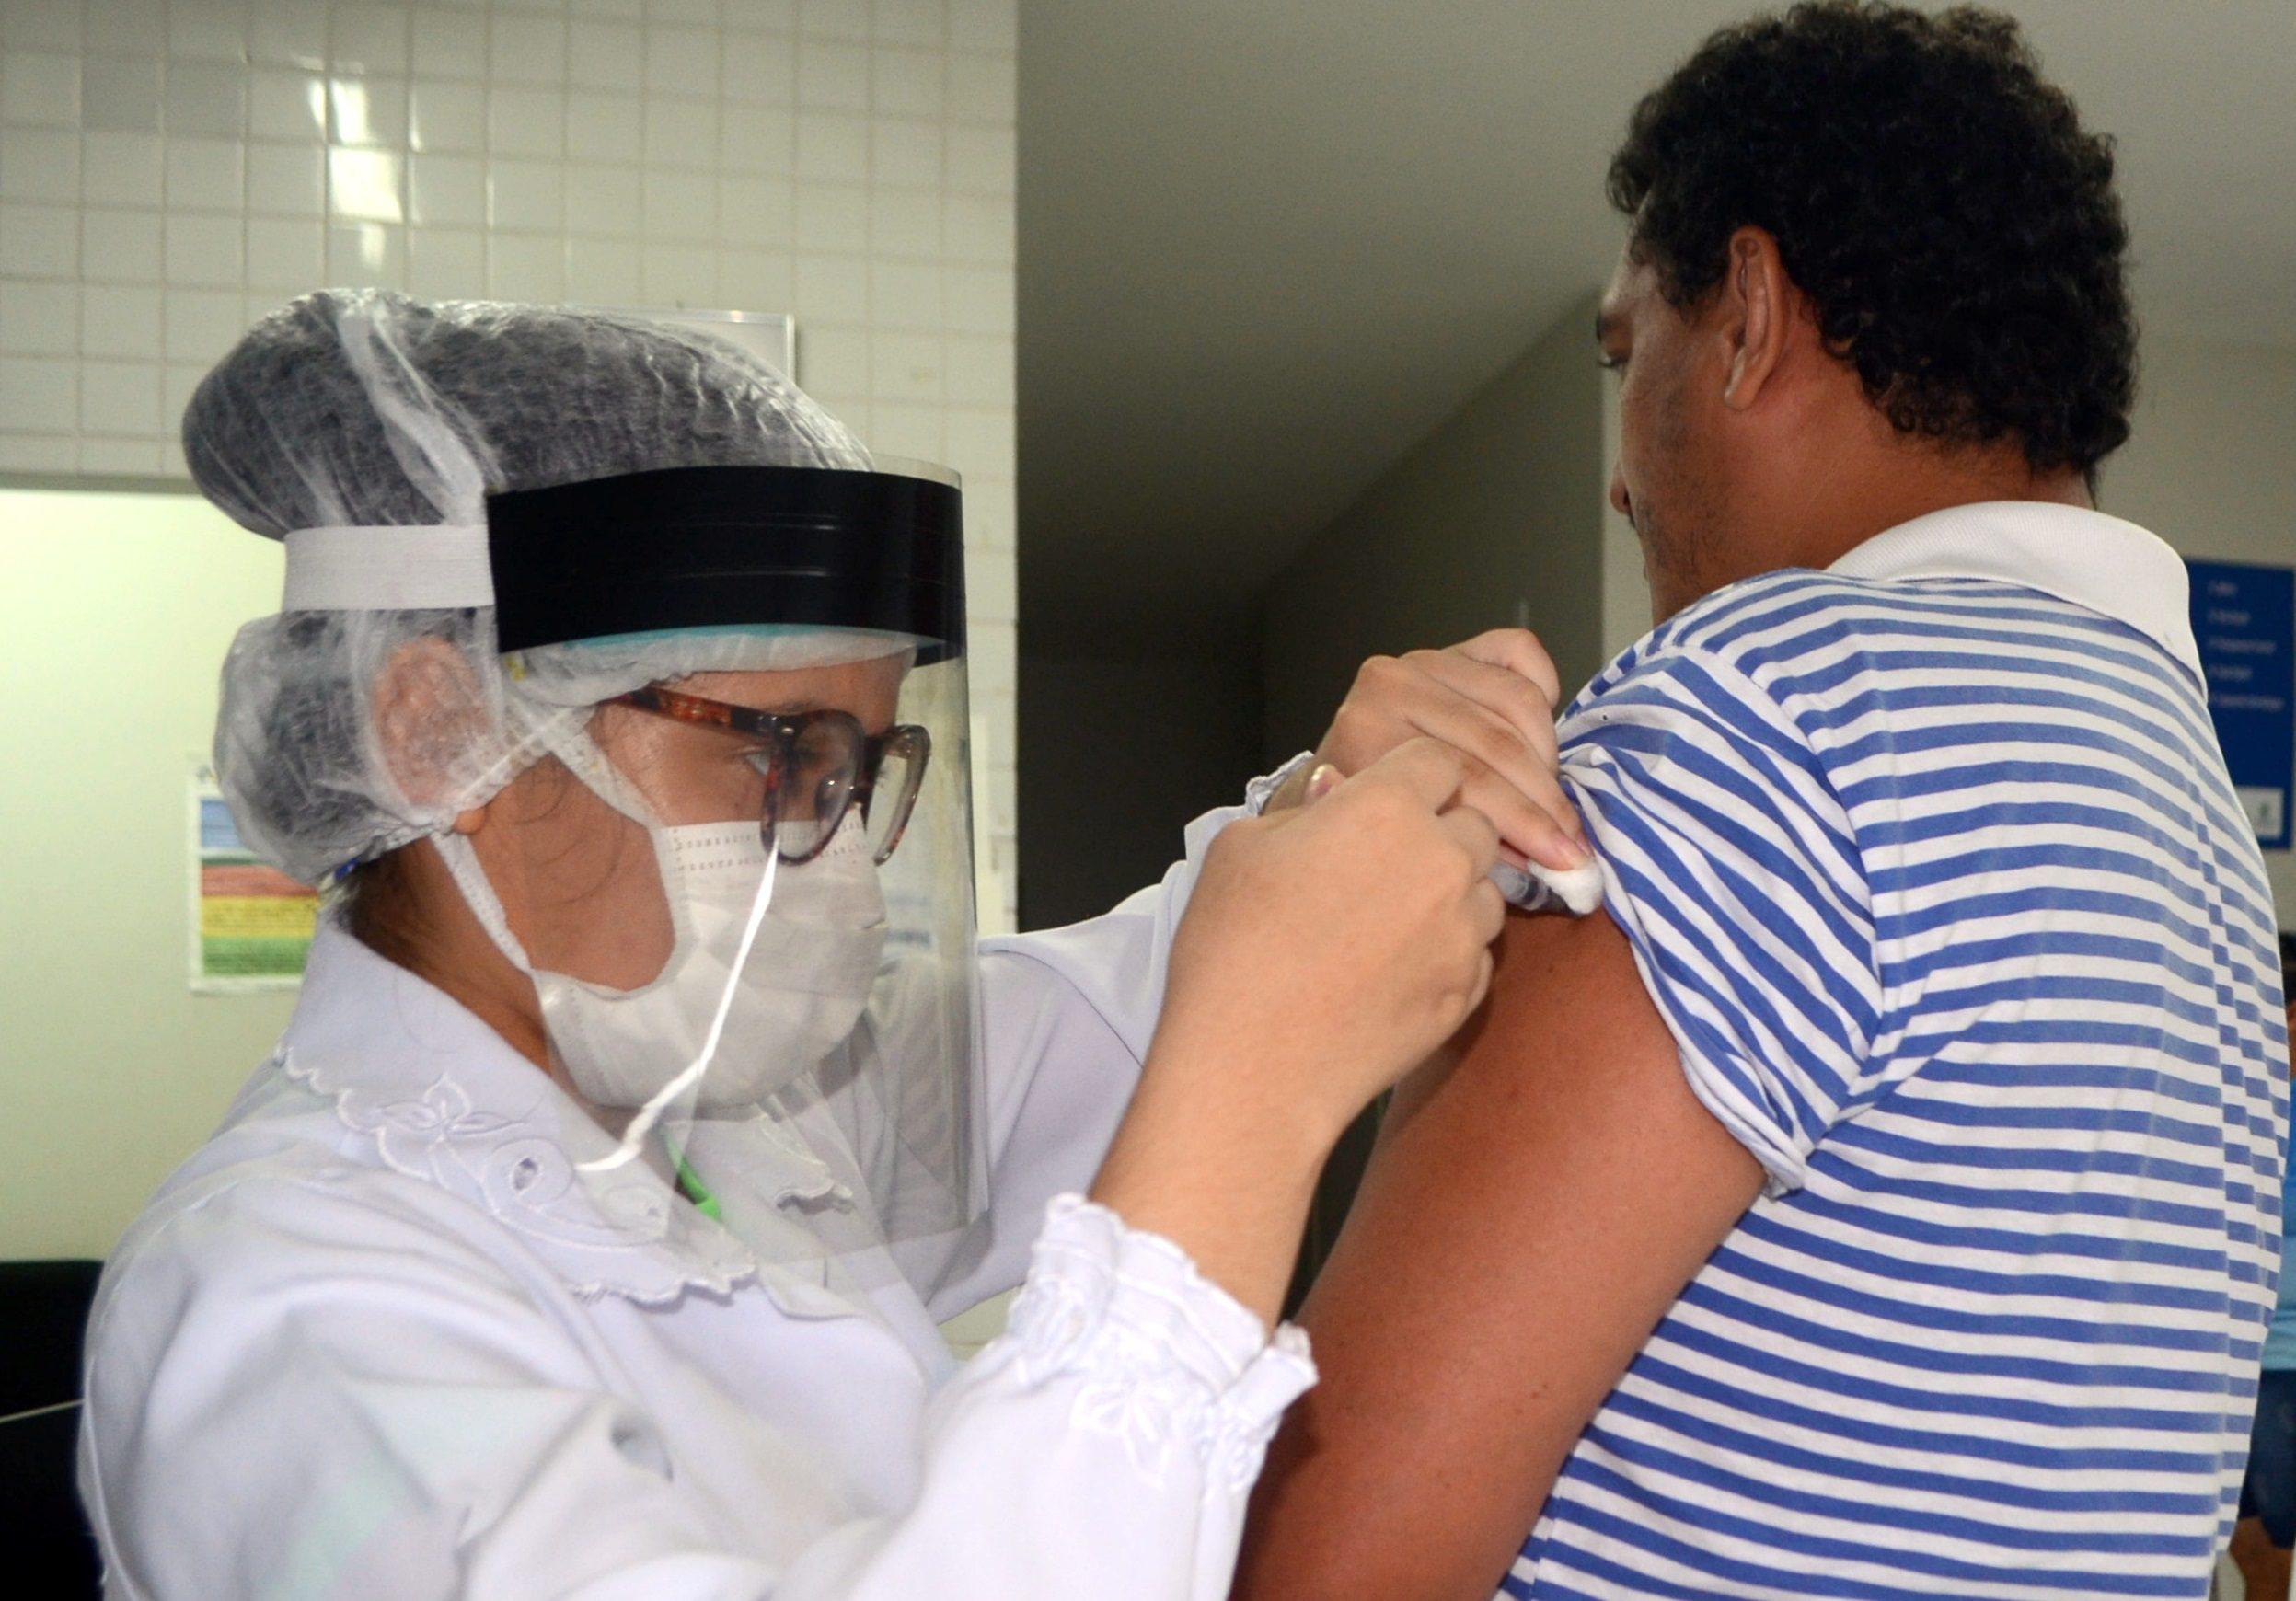 UBS de Parnaíba realizam 3ª etapa da vacinação contra gripe Influenza